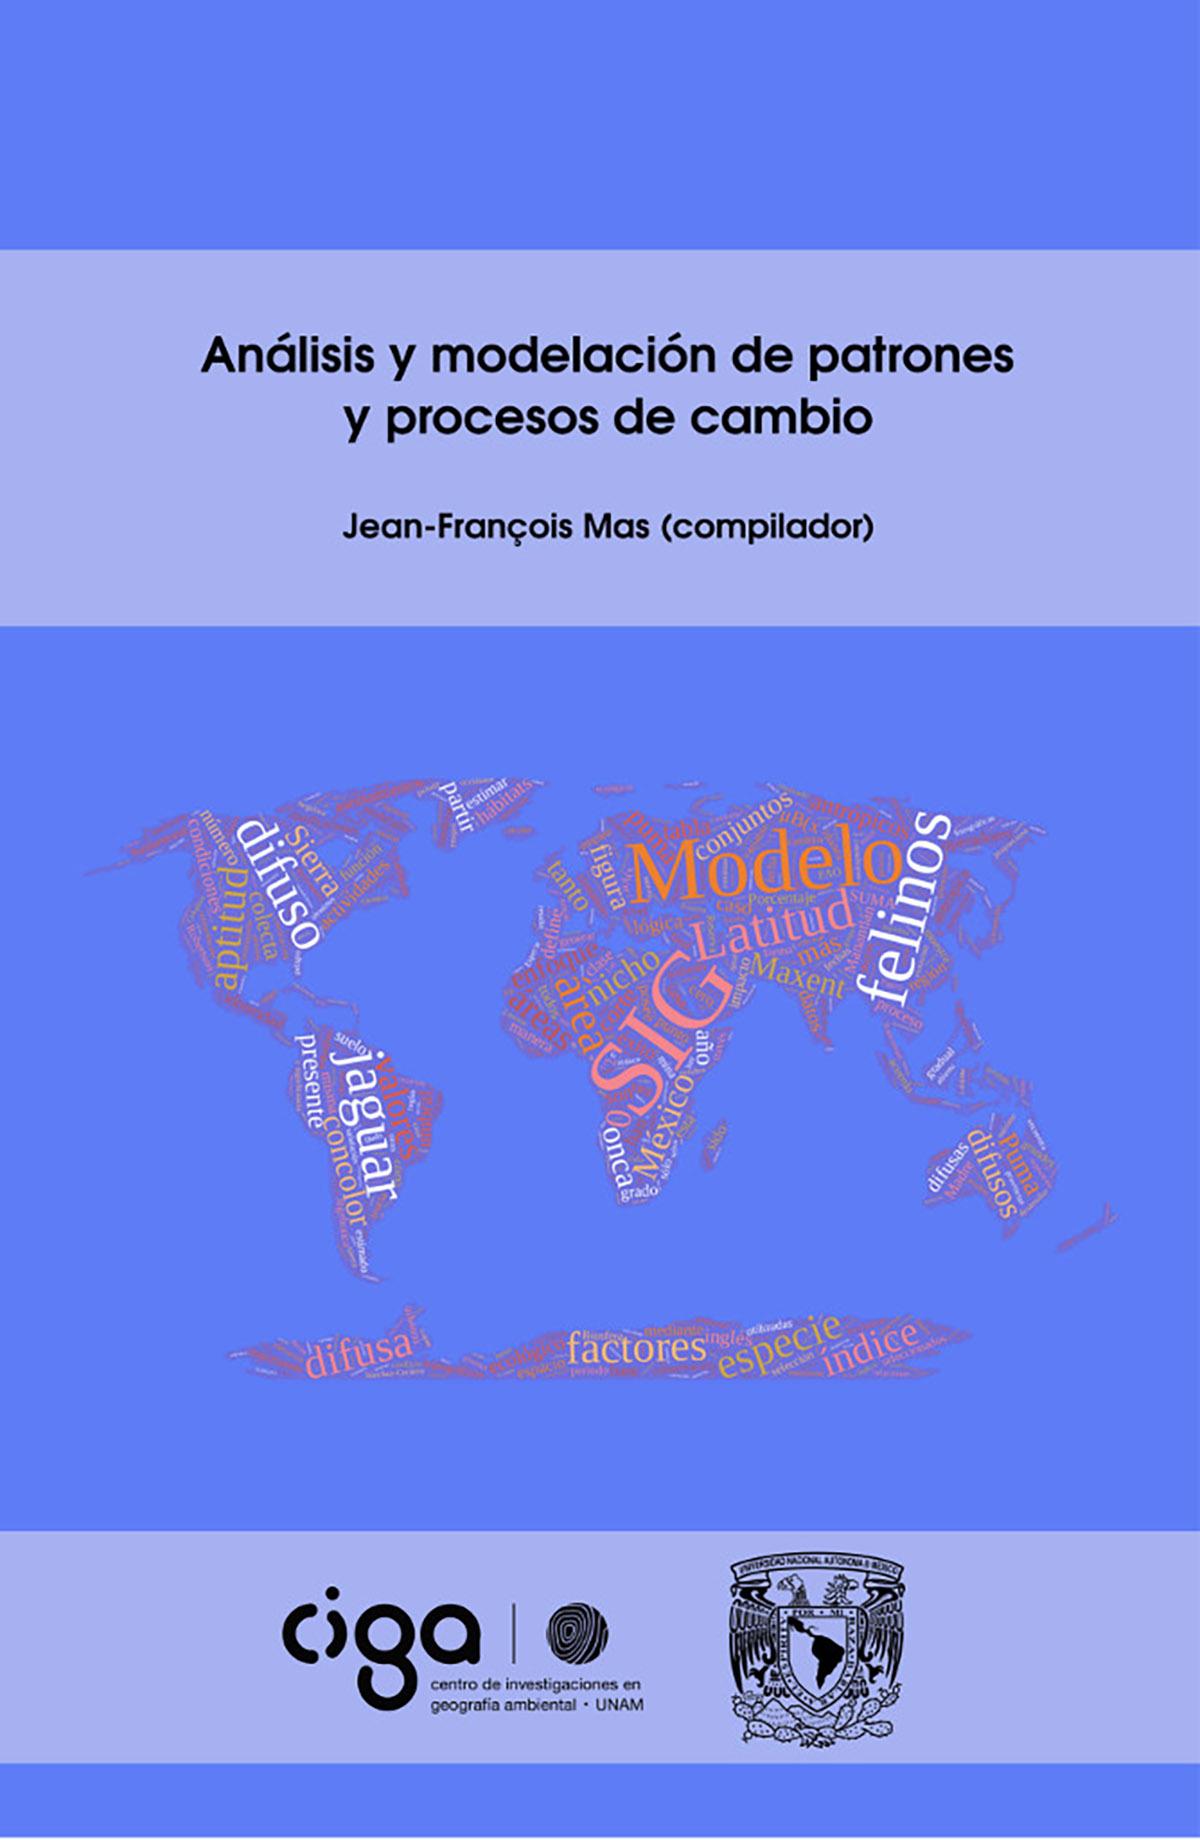 Análisis y modelación de patrones y procesos de cambio